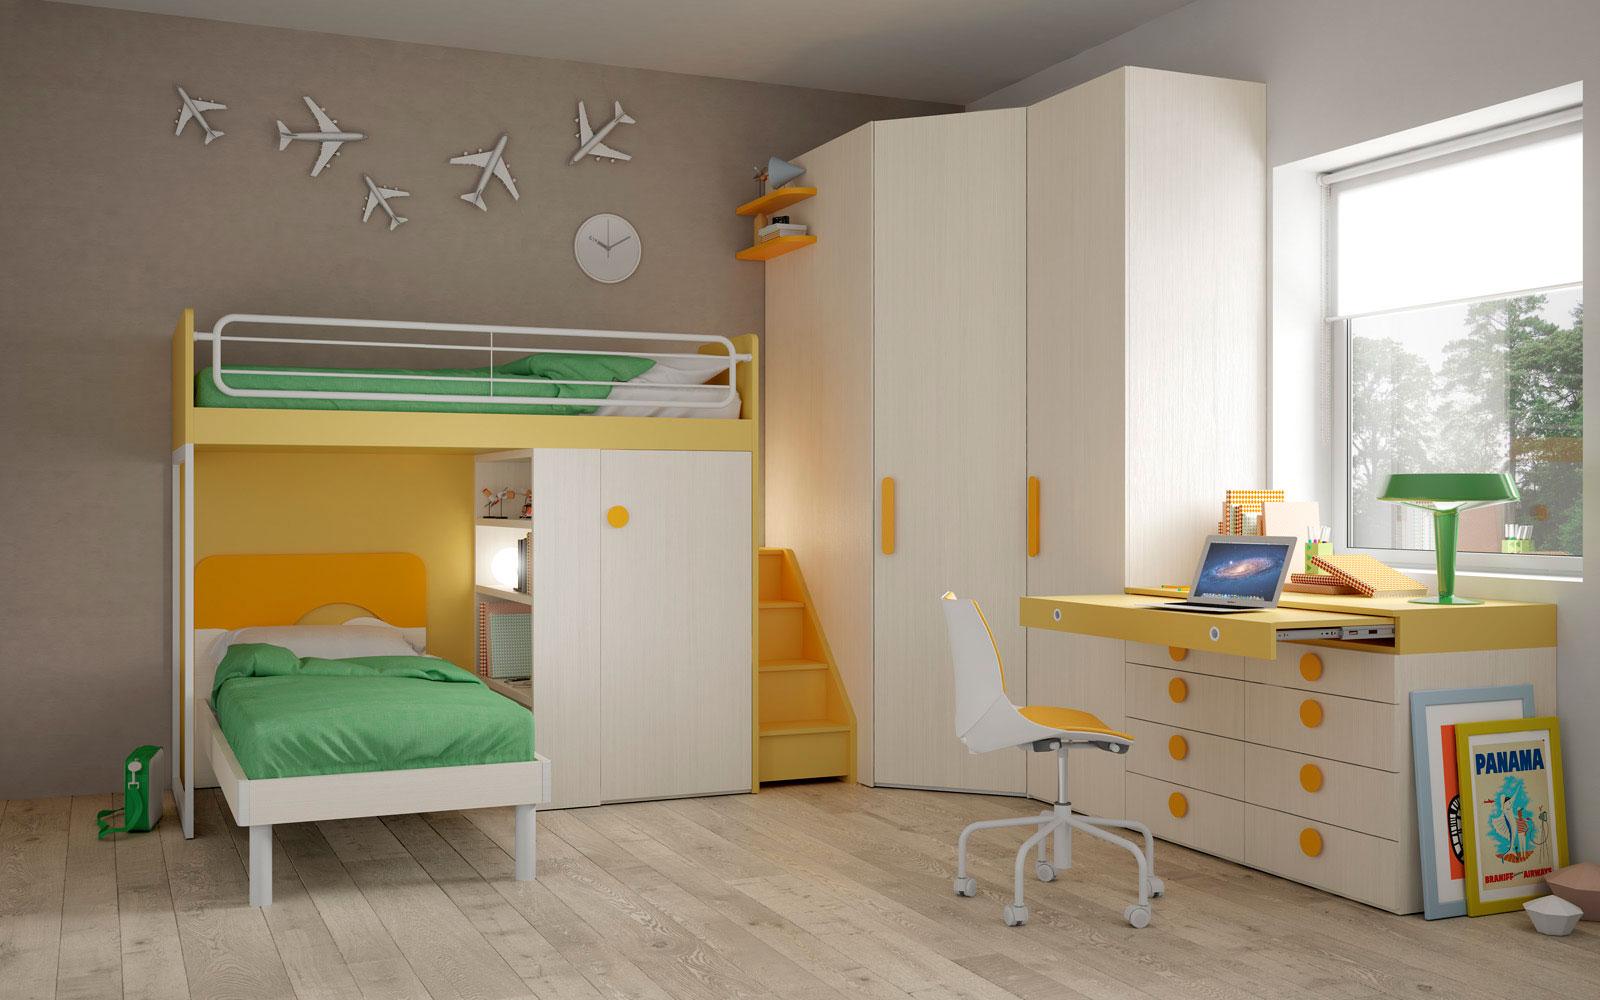 Camerette salva spazio le camerette salvaspazio - Camerette per bambini soluzioni salvaspazio ...